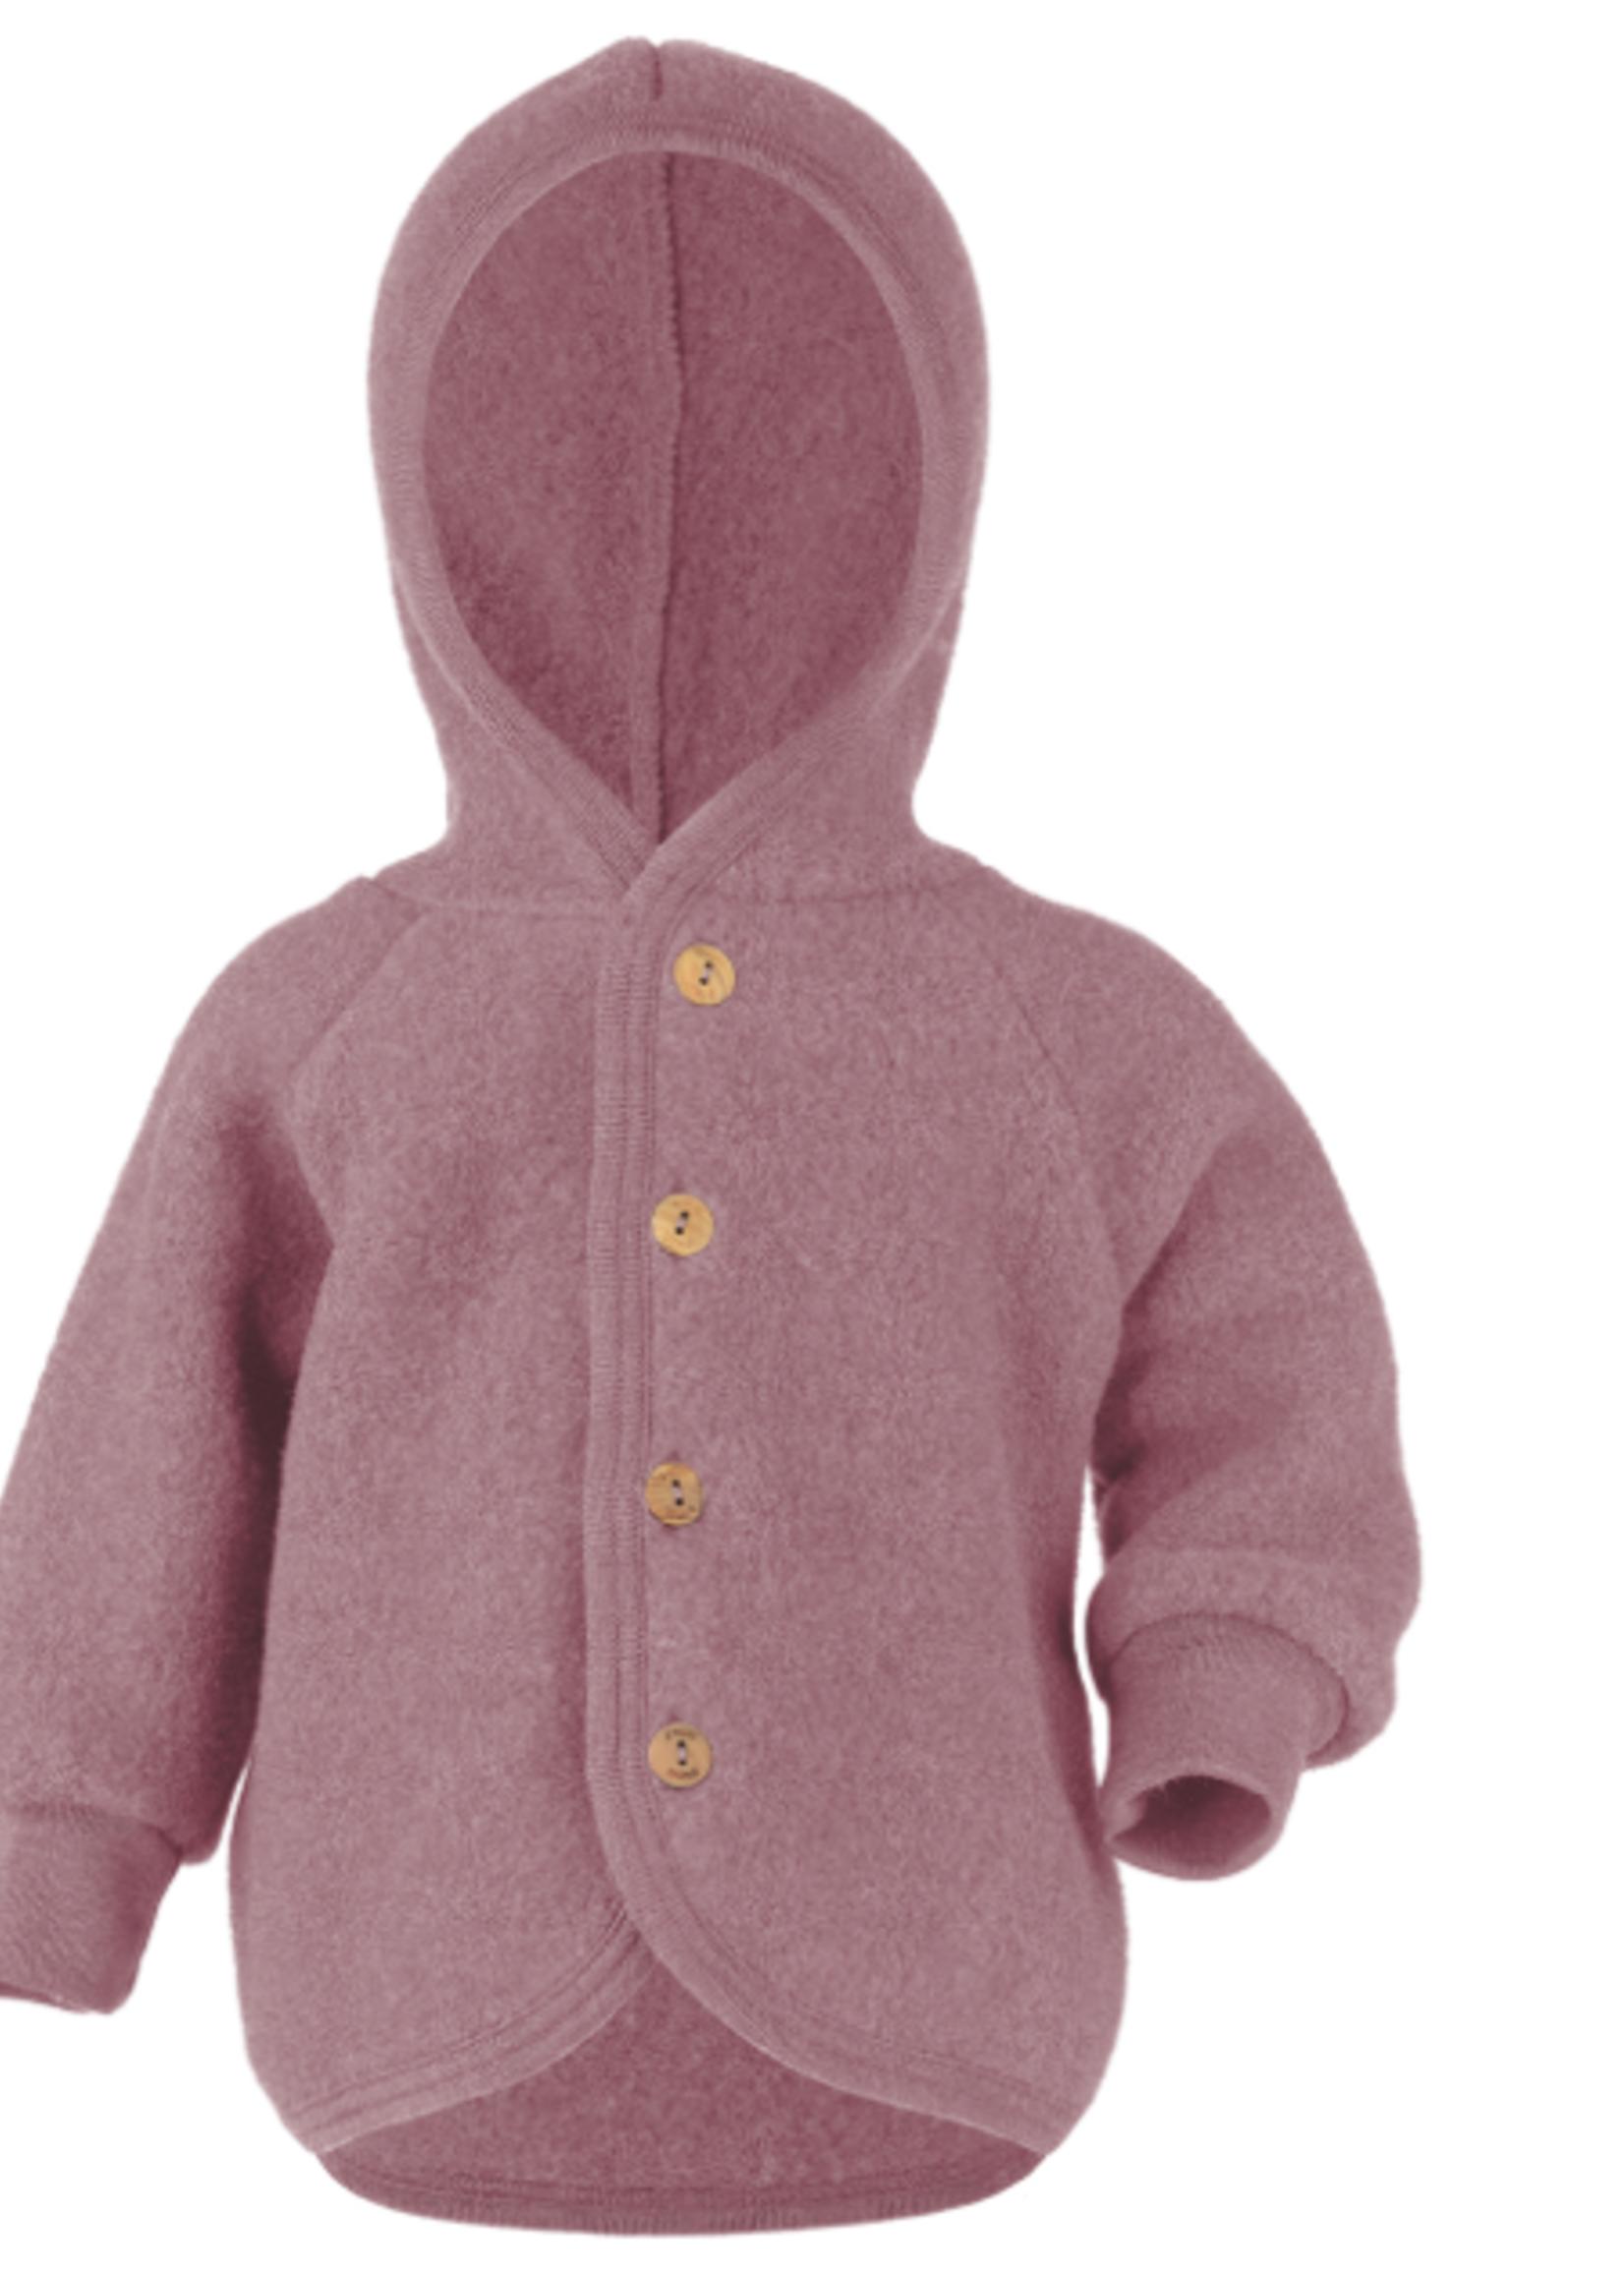 Engel Hooded Jacket - Rosenholz